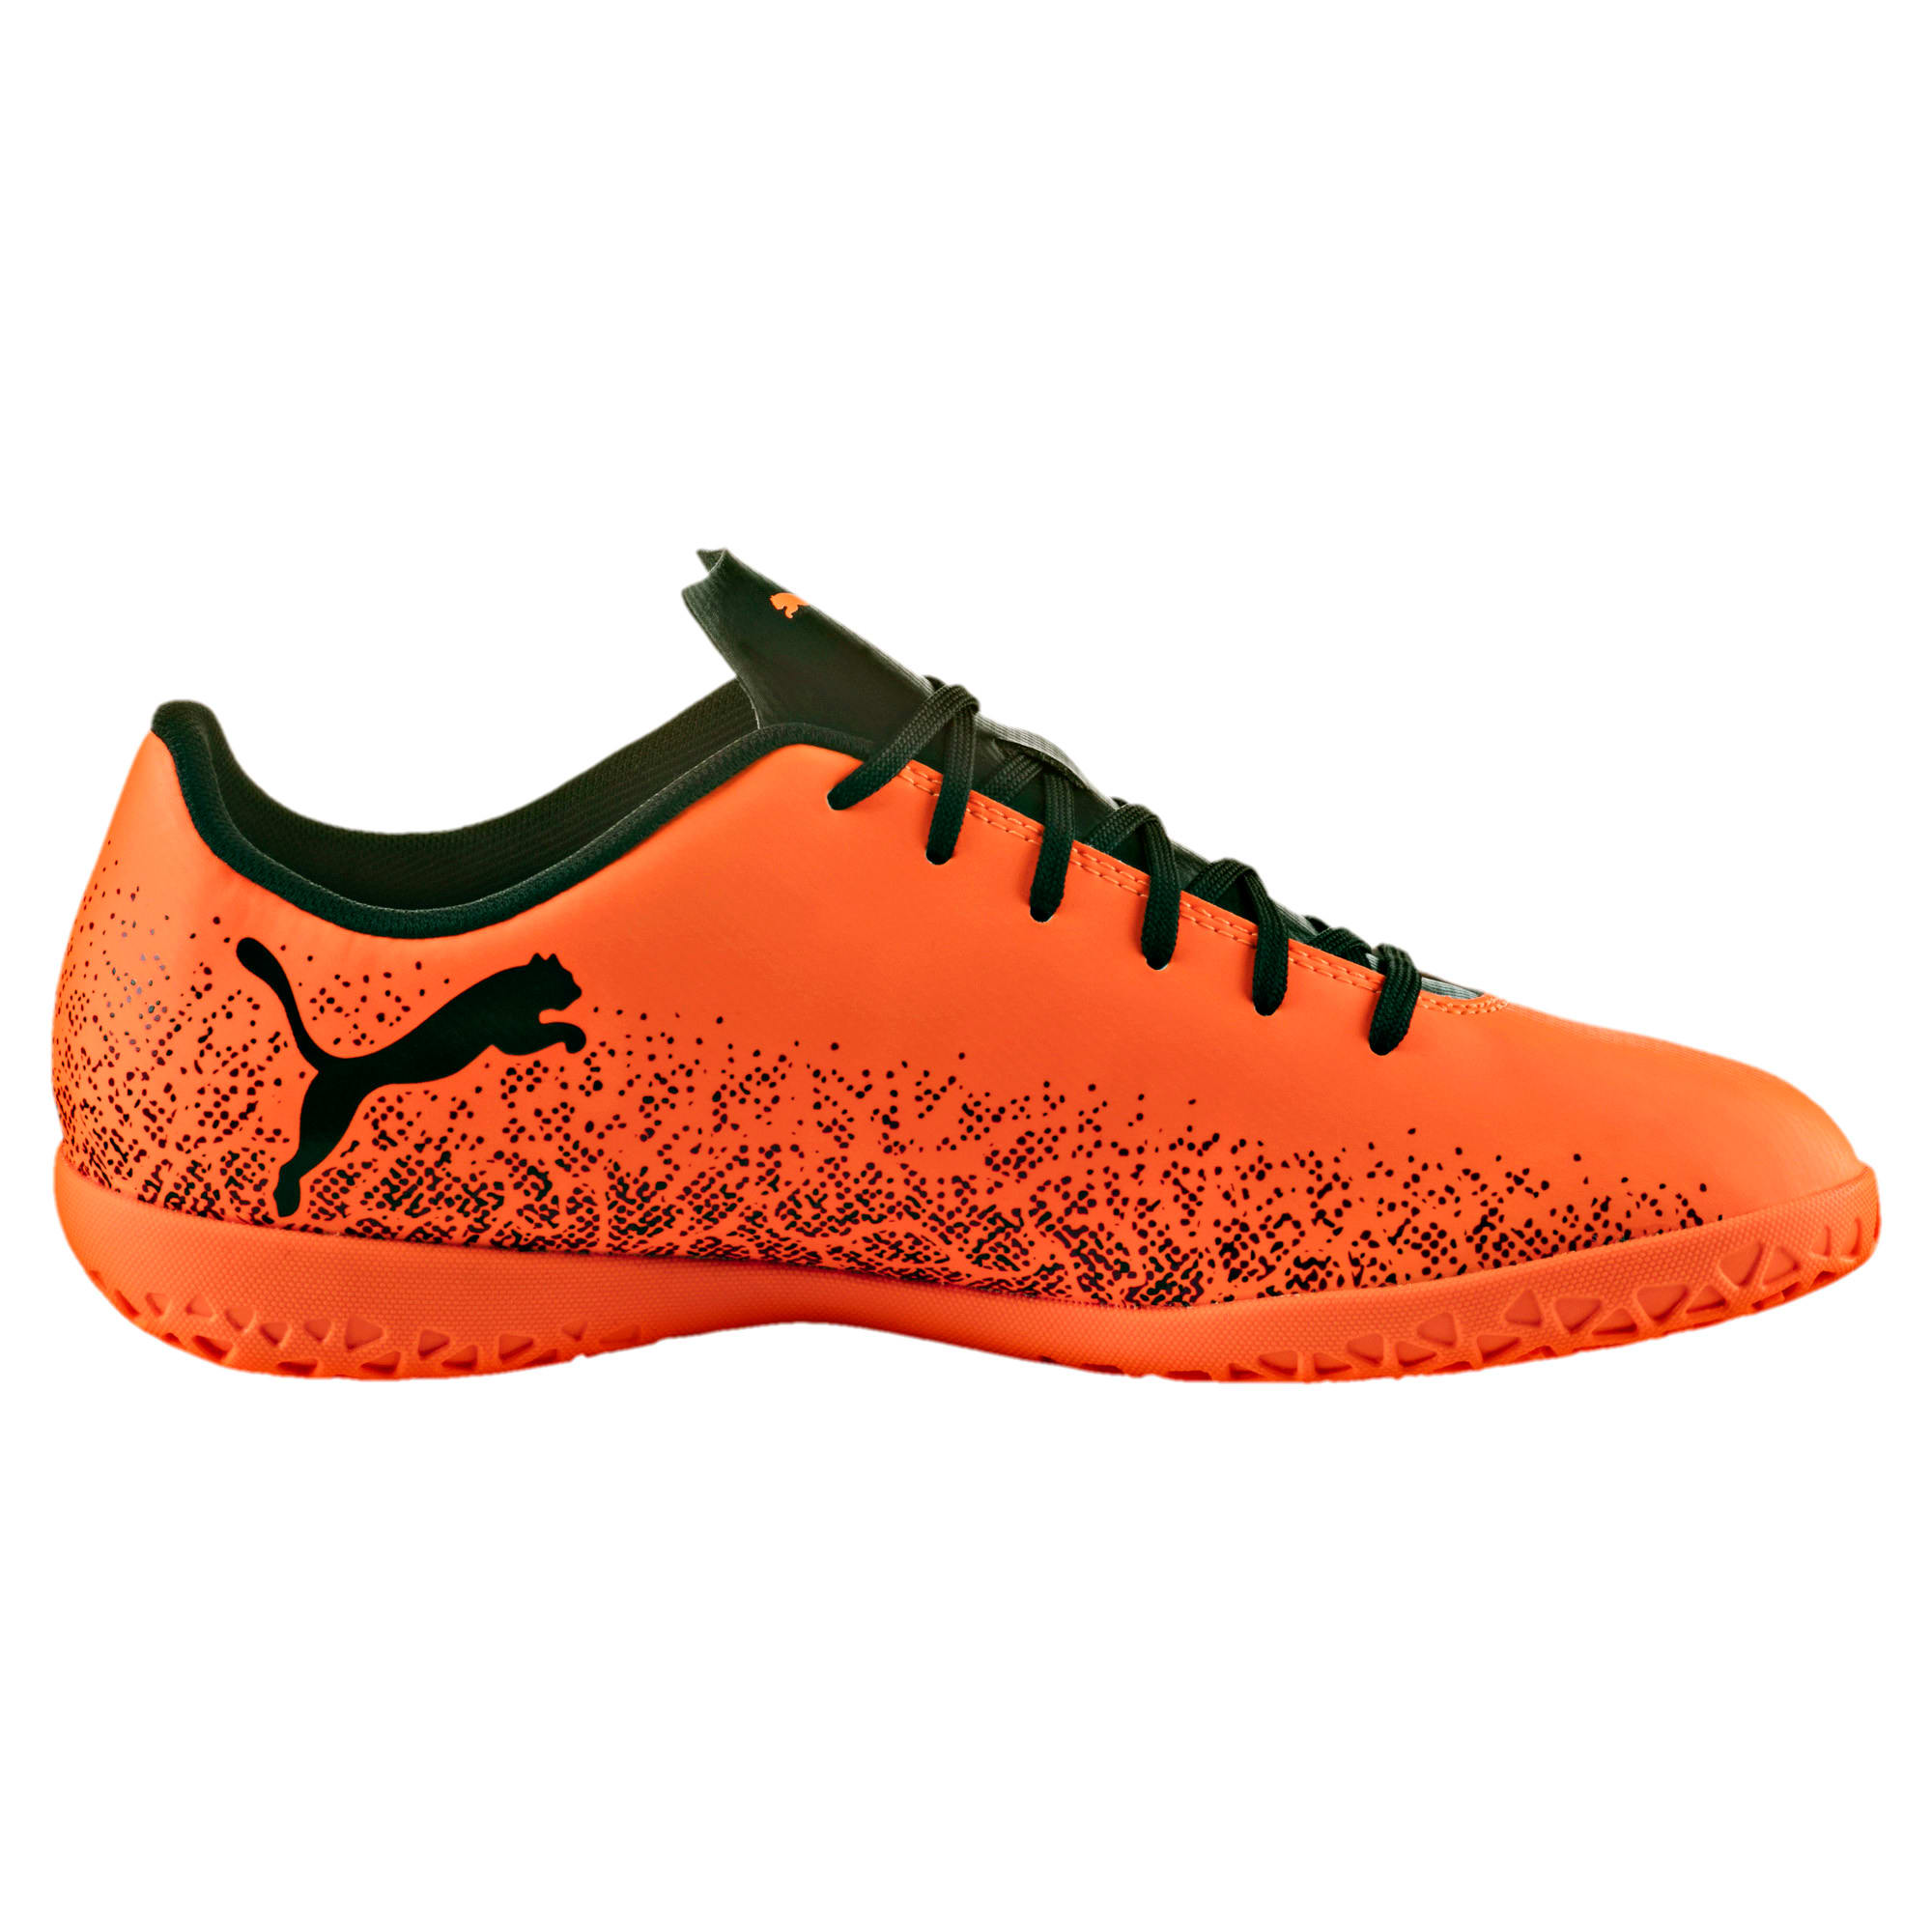 Thumbnail 5 of Truora IT Men's Indoor Training Shoes, Orange-Black-Cordovan, medium-IND